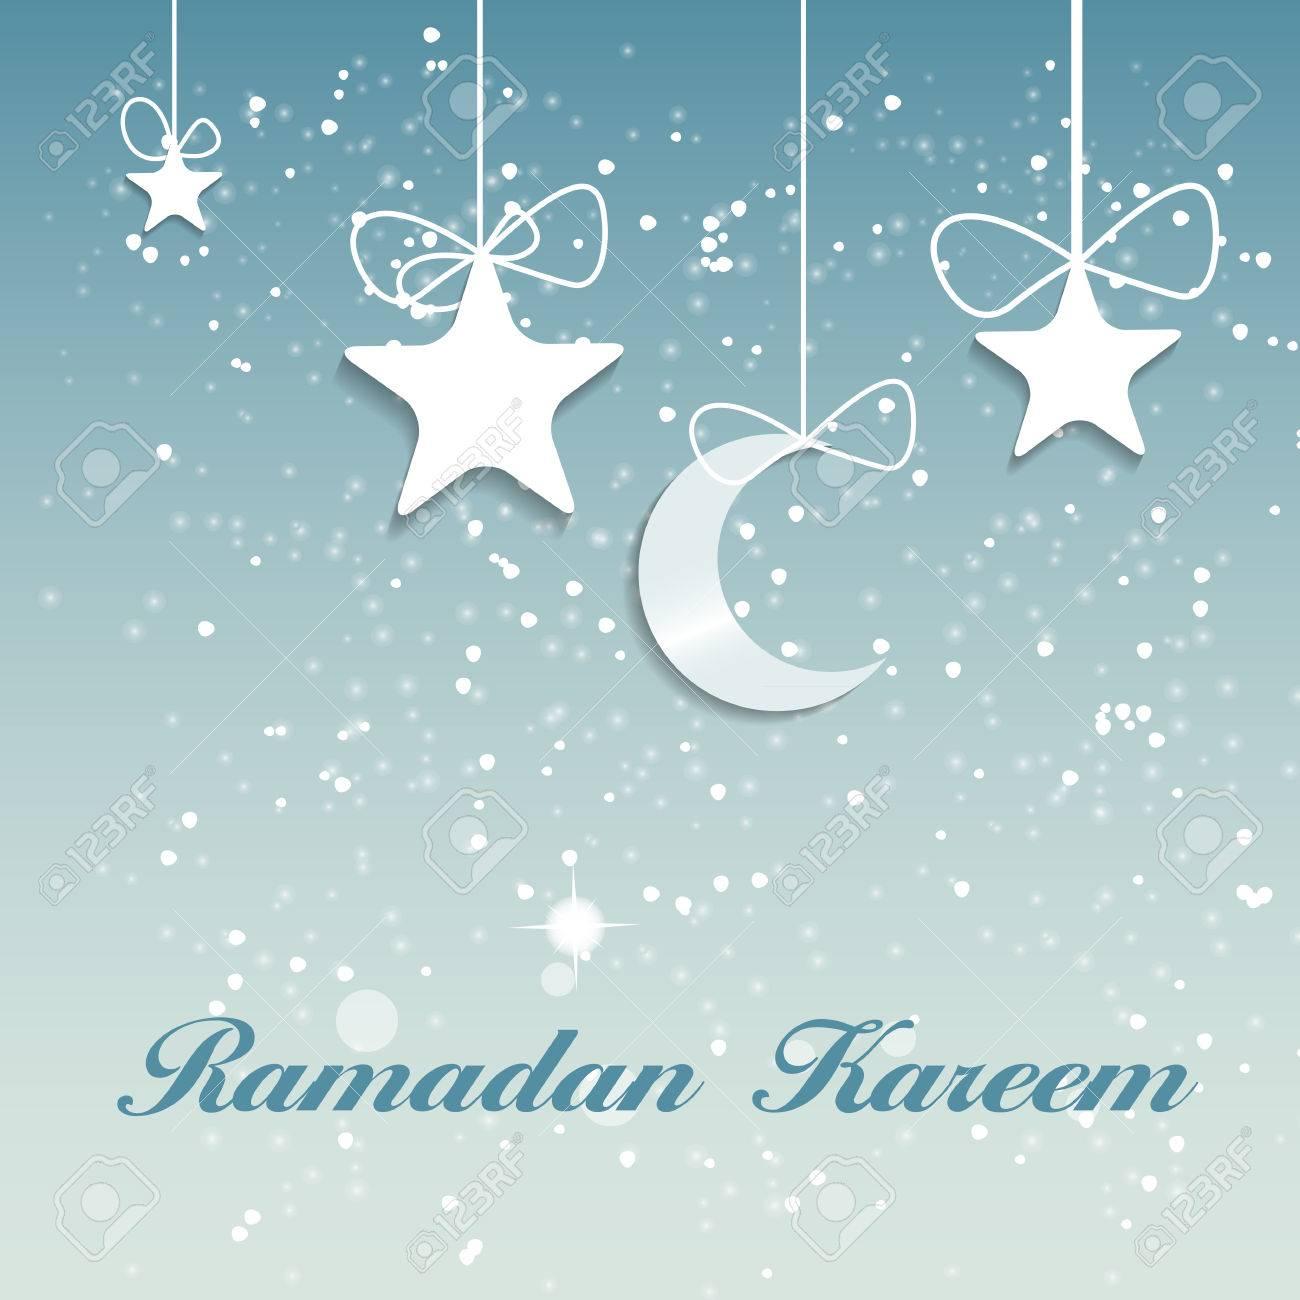 イスラム教徒のコミュニティ祭りイラスト背景 ロイヤリティフリー